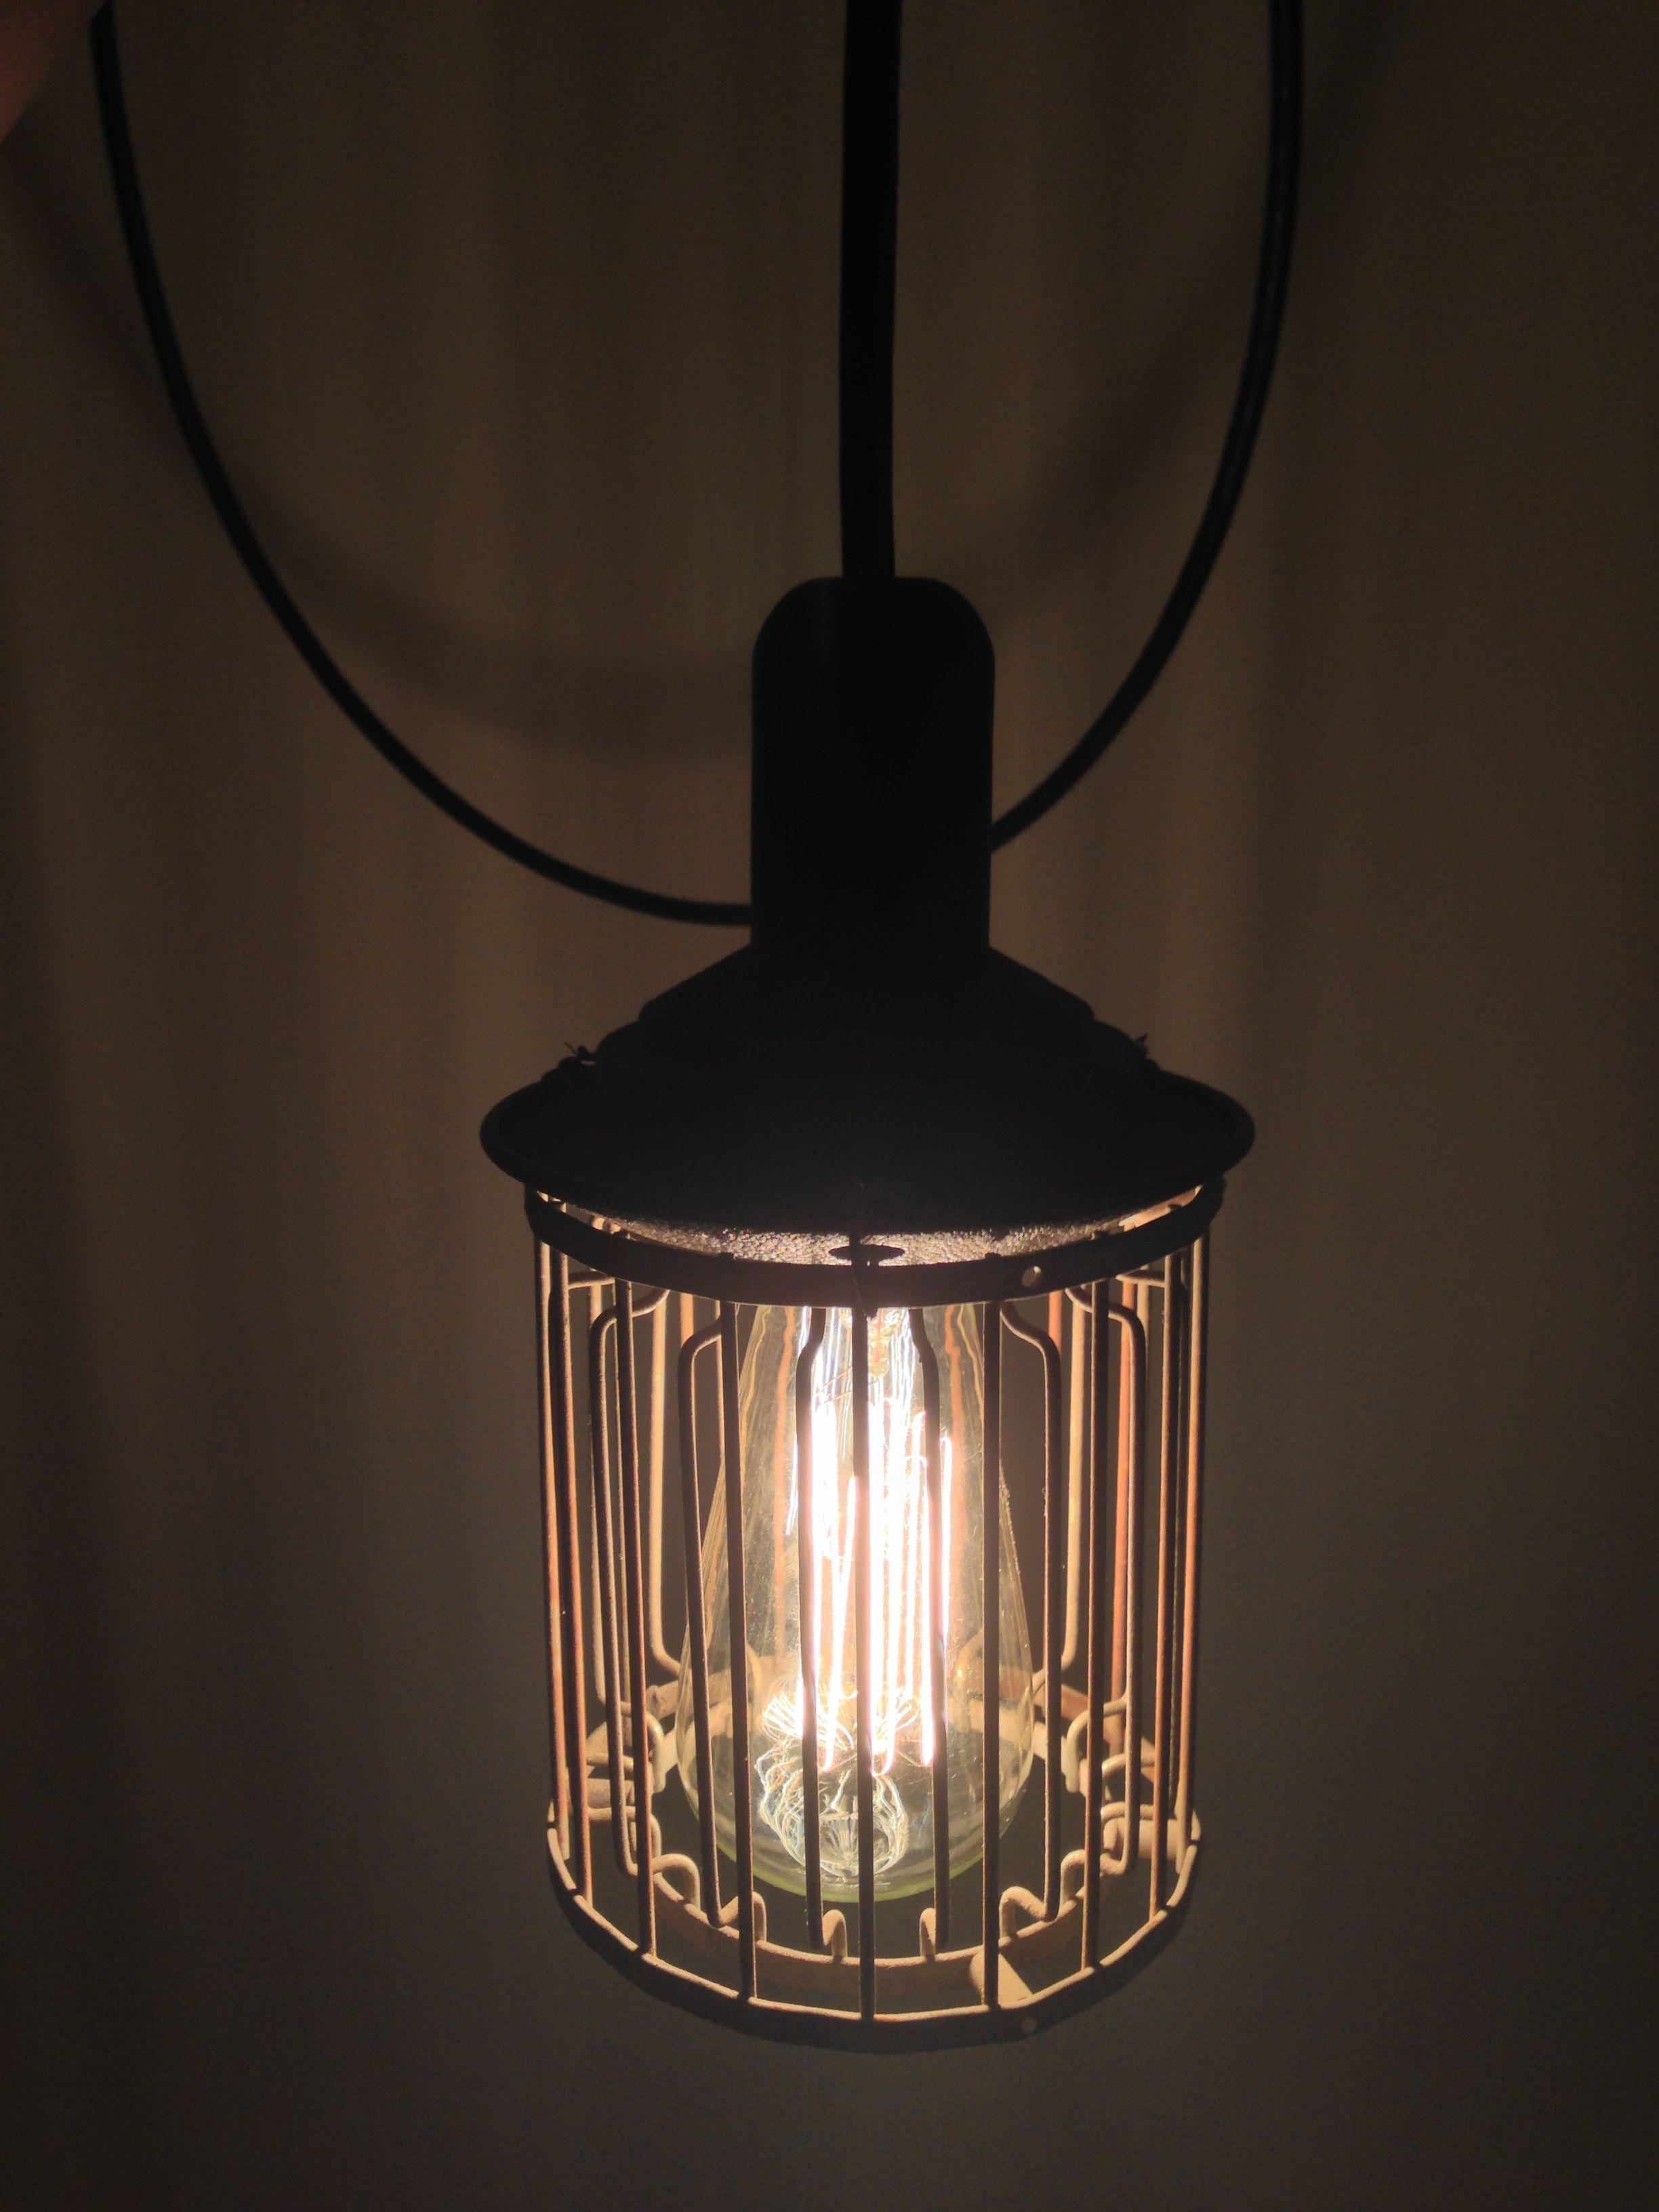 Repurposed bug zapper for pendant light